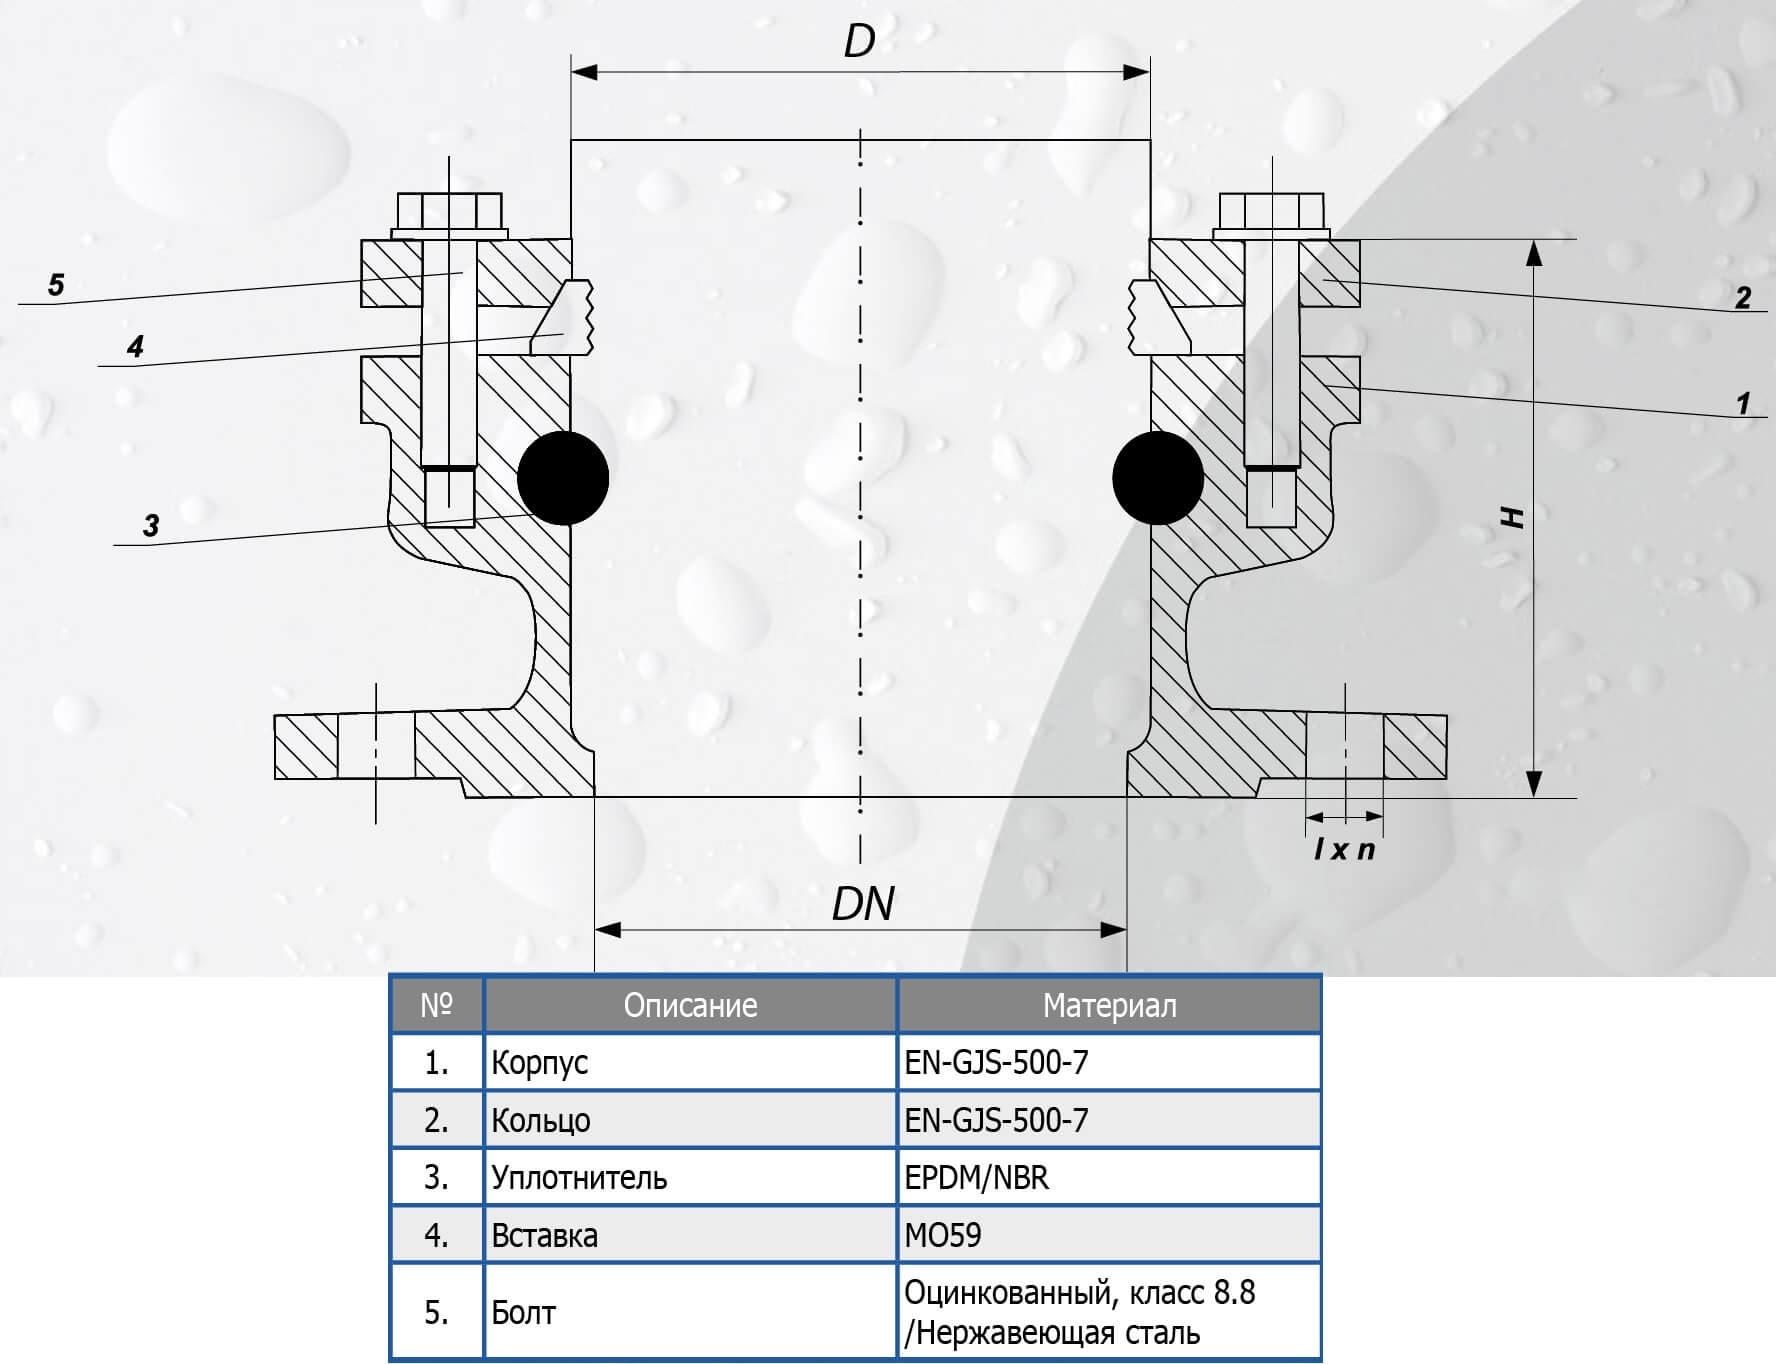 Чертеж для Раструбно-фланцевый соединитель RK SFERO с латунной вставкой для полиэтиленовых труб DN300